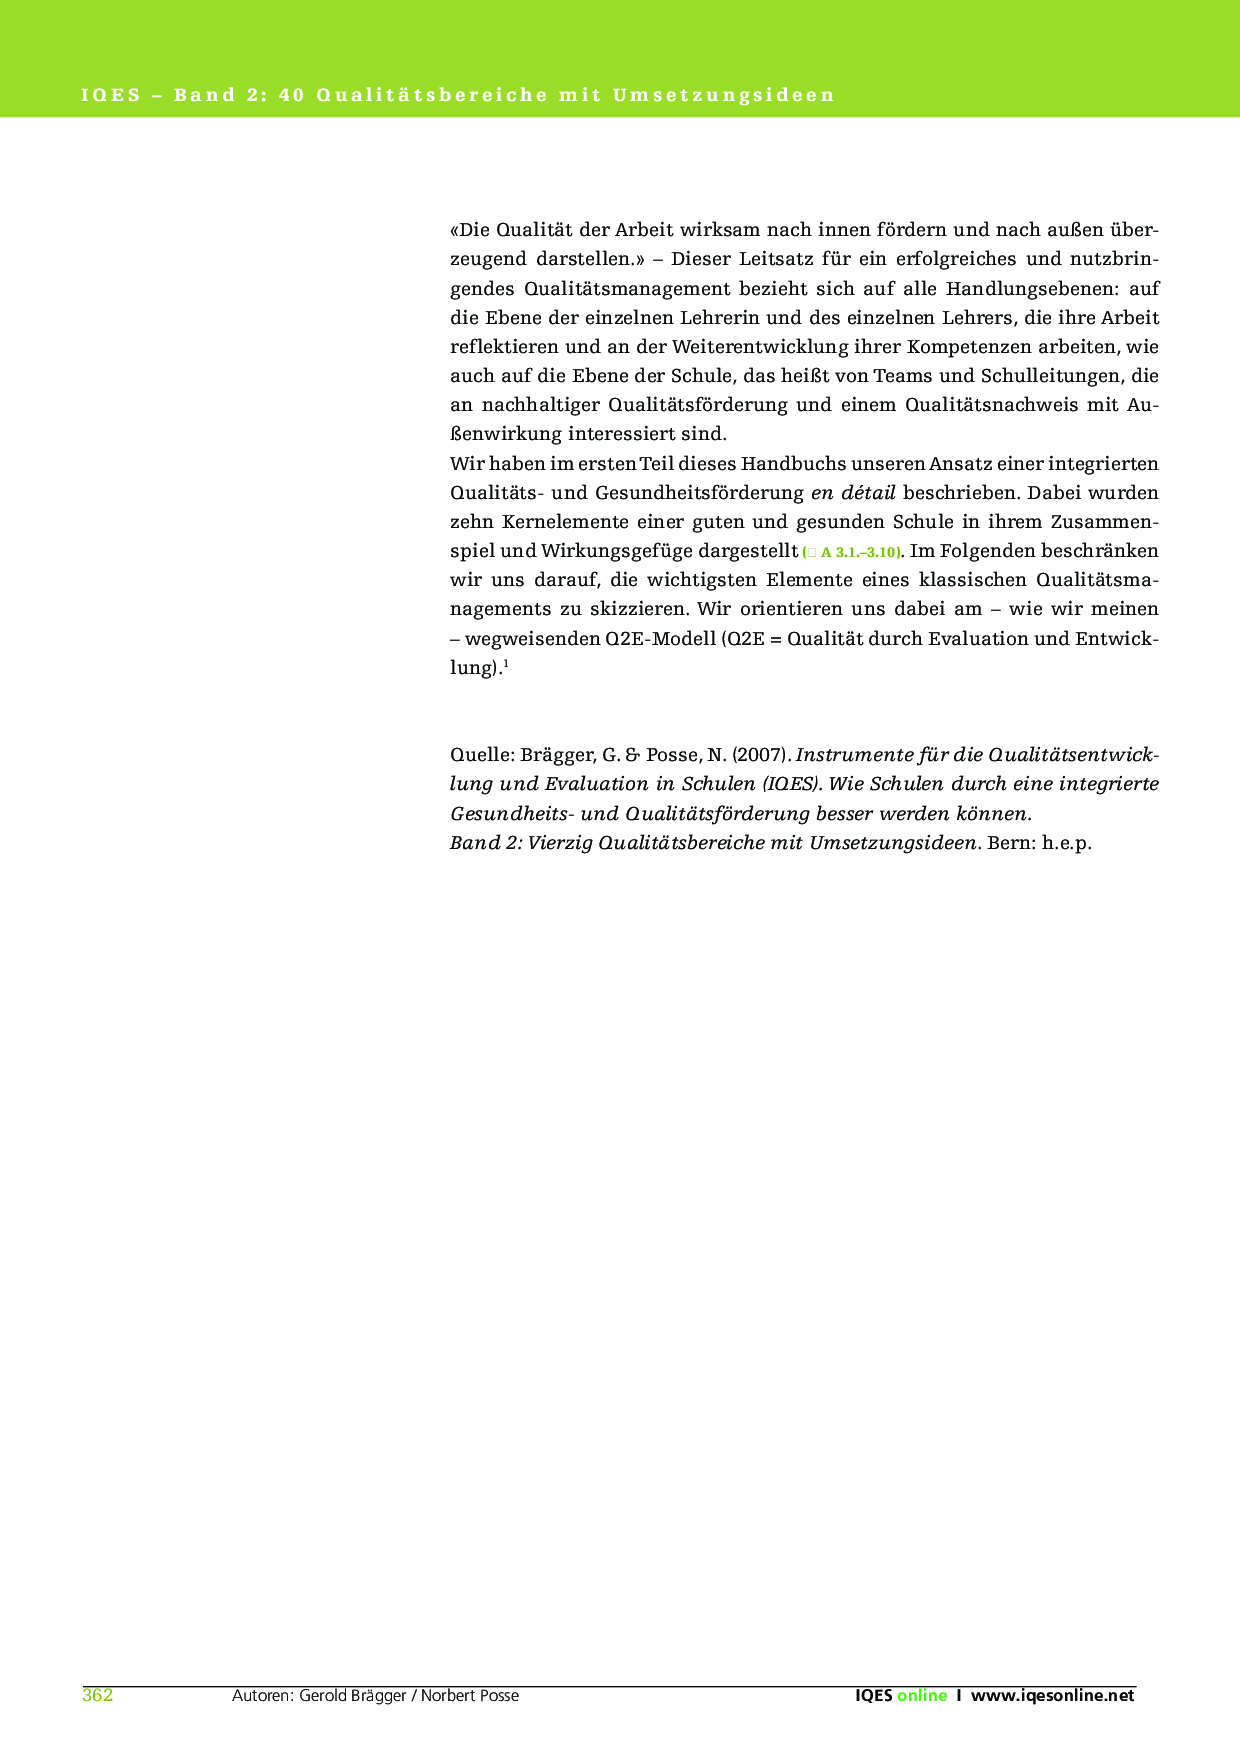 Qualitätsmanagement der Schule – IQES